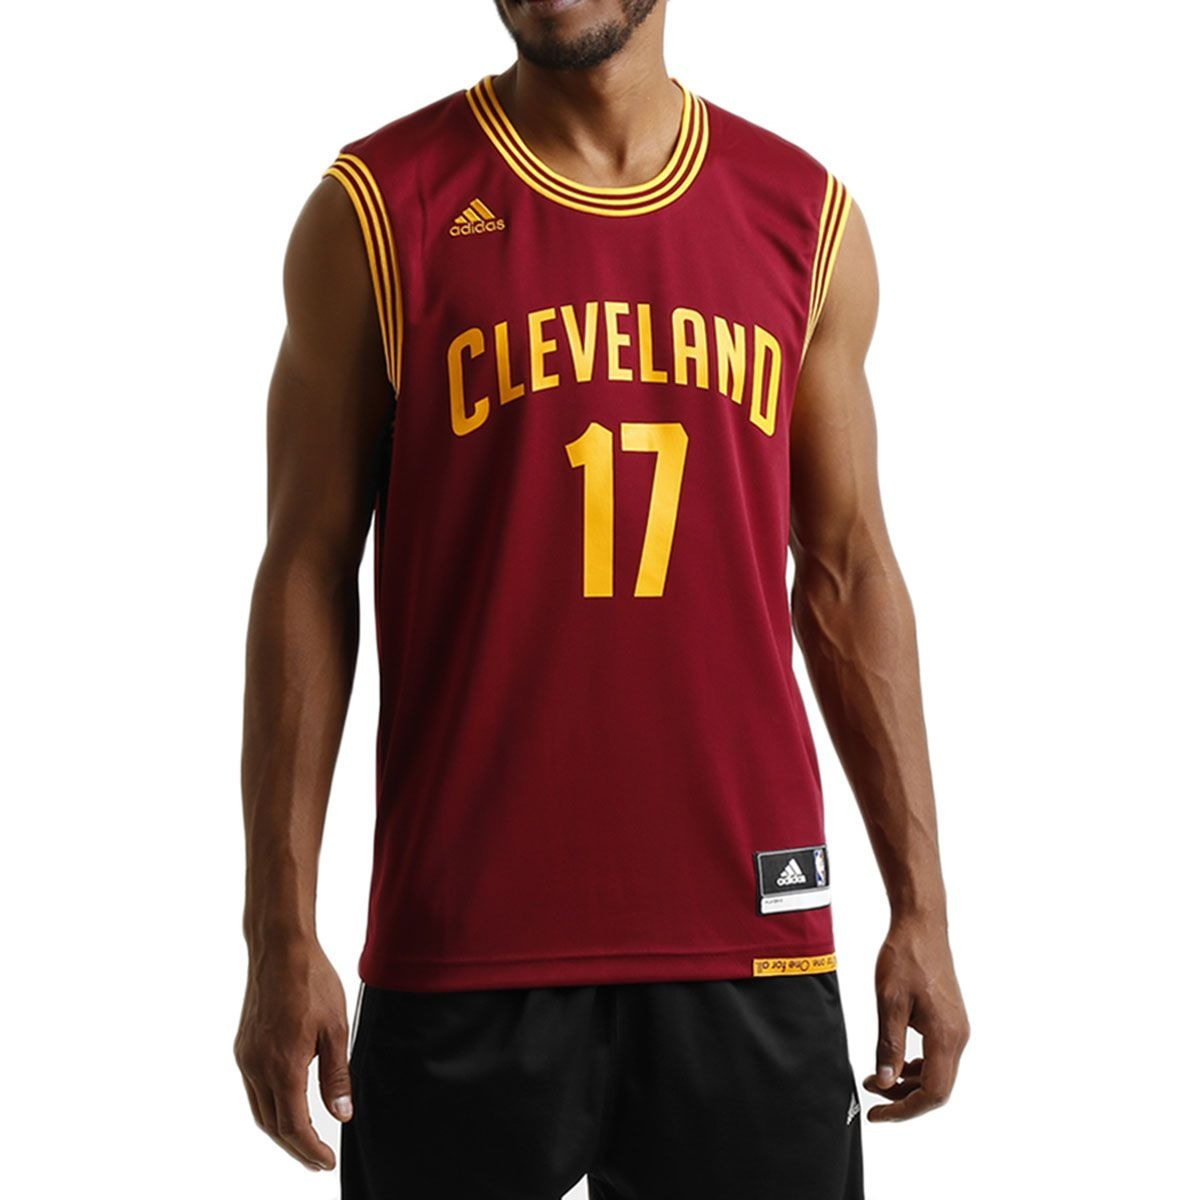 144119edb camisa basquete adidas nba cleveland cavaliers nº 17 varejão. Carregando  zoom.